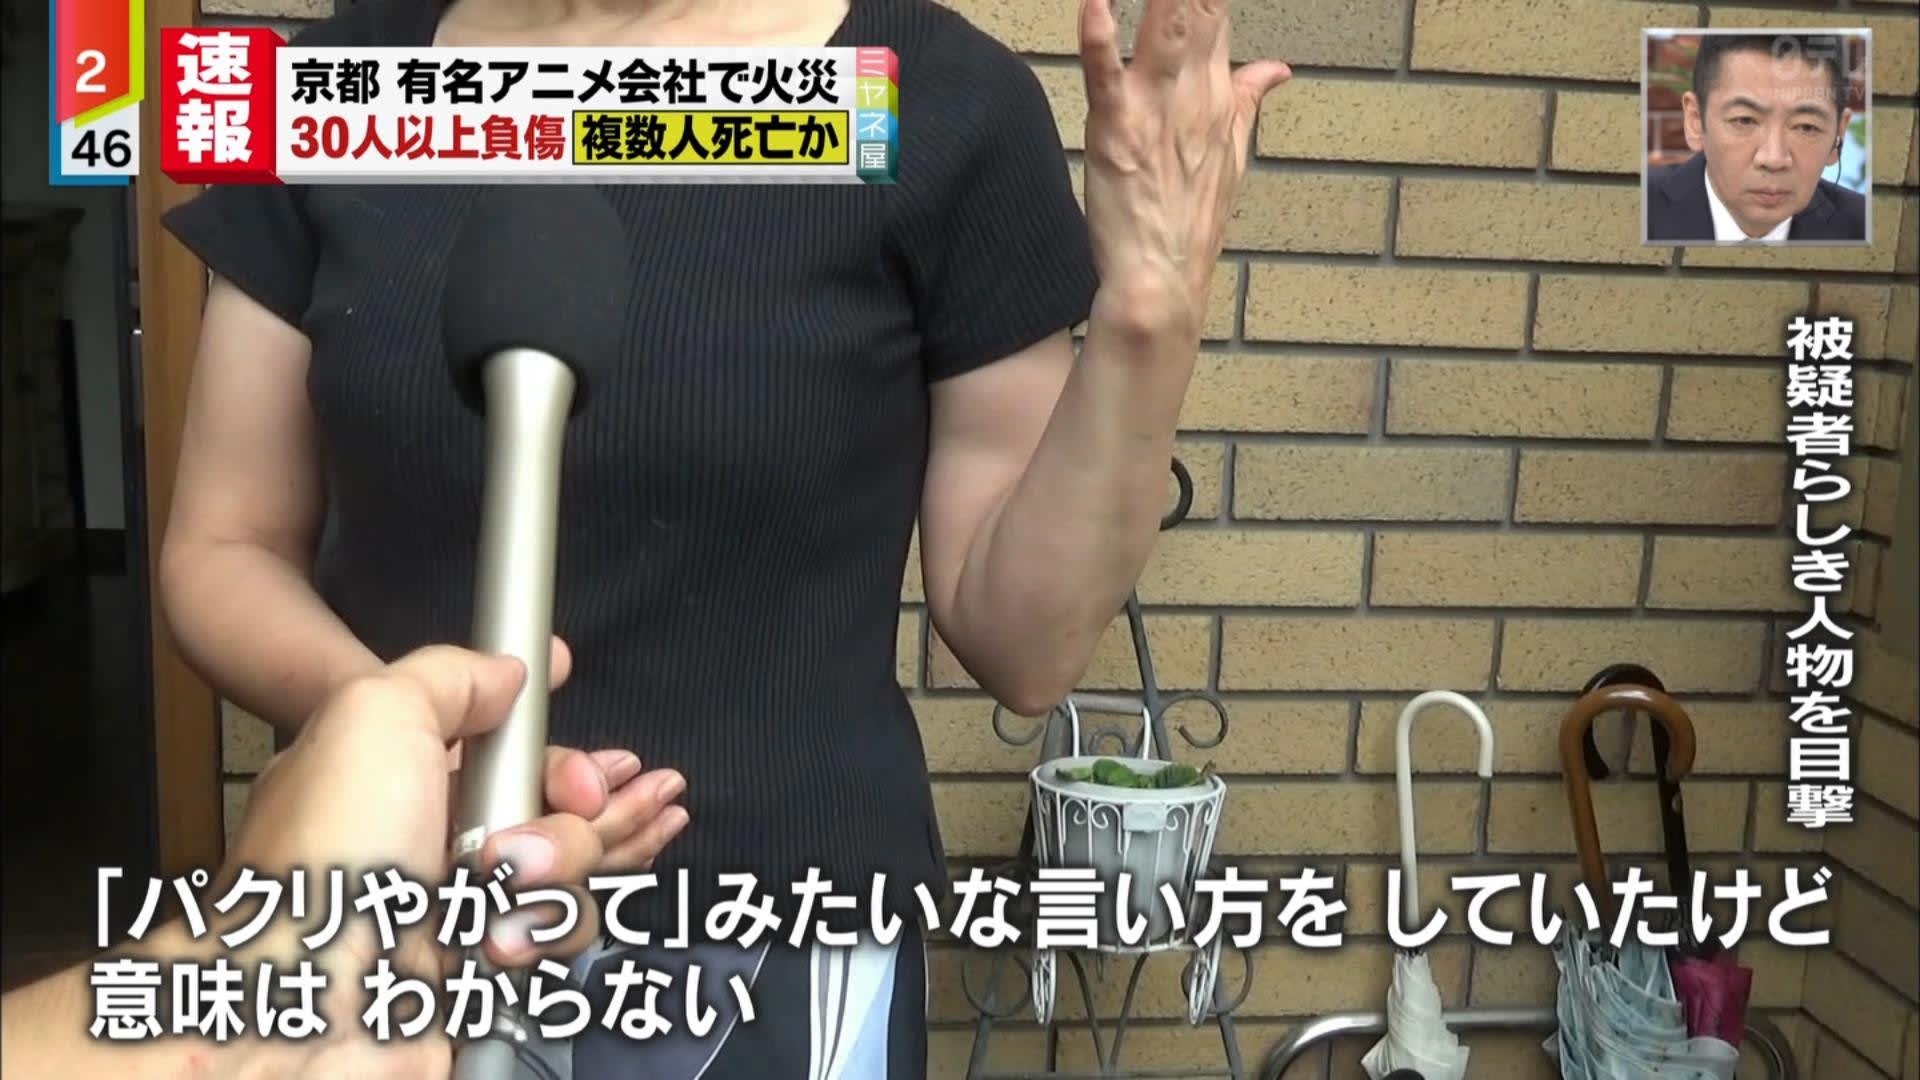 【悲報】 京アニ放火で死者10人超え 犯人40代男性「パクリやがって」